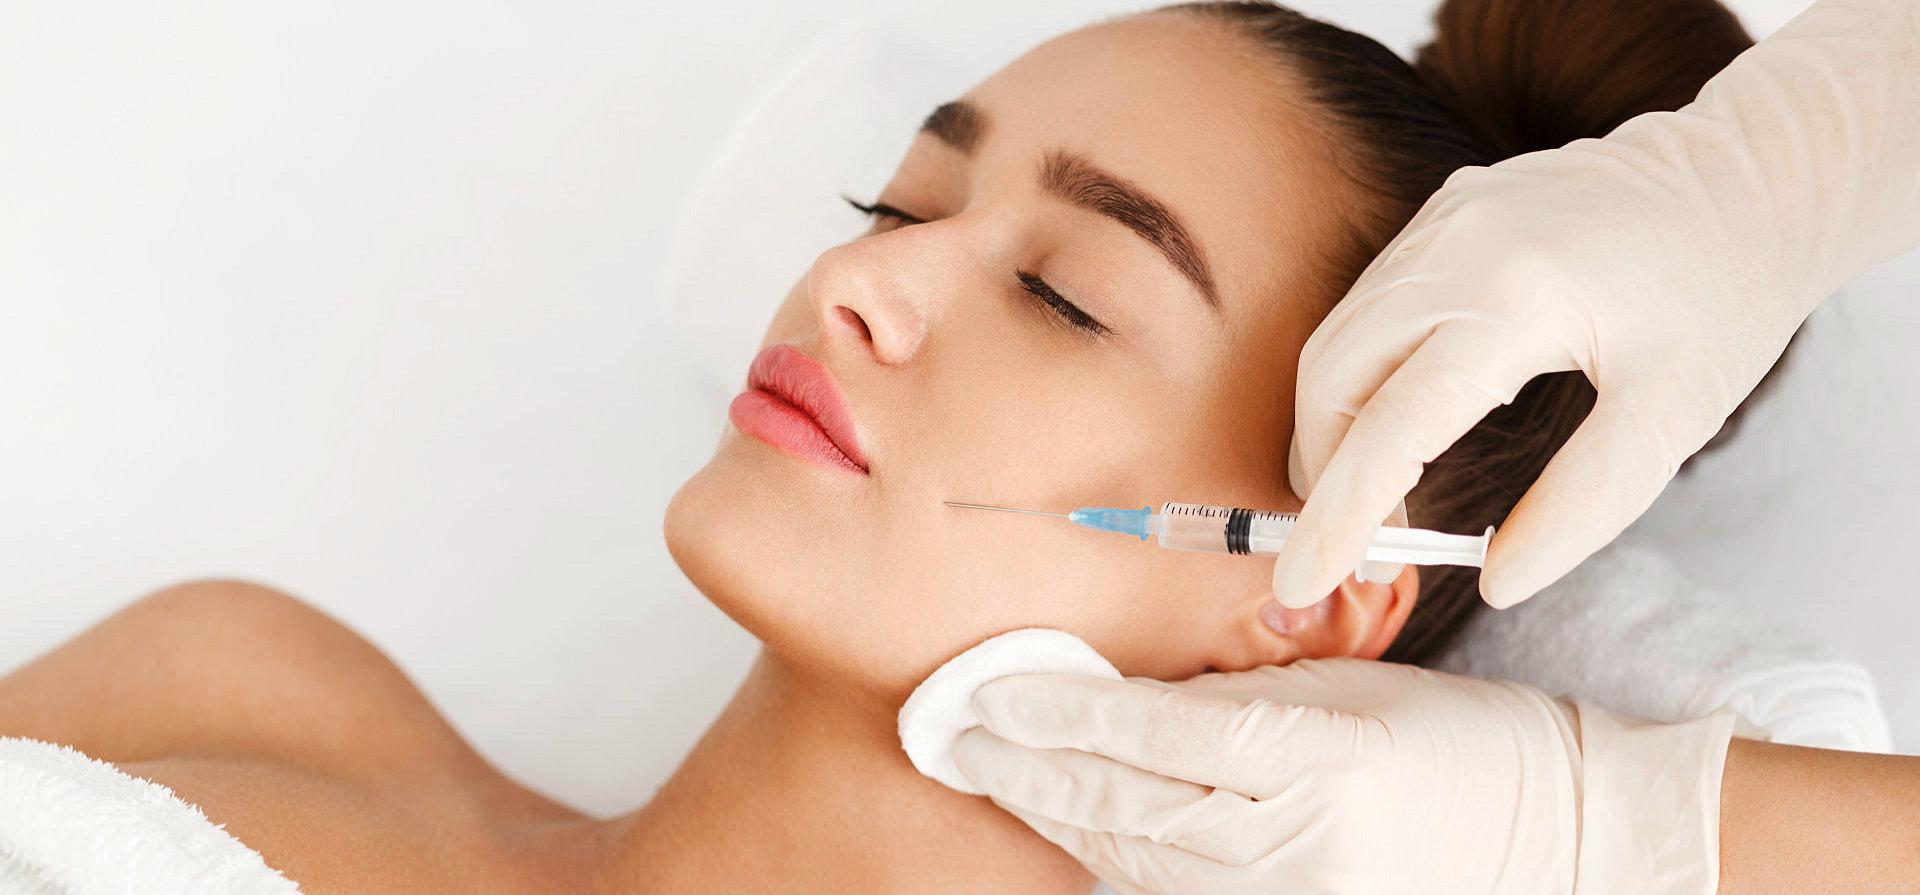 a woman getting a botox